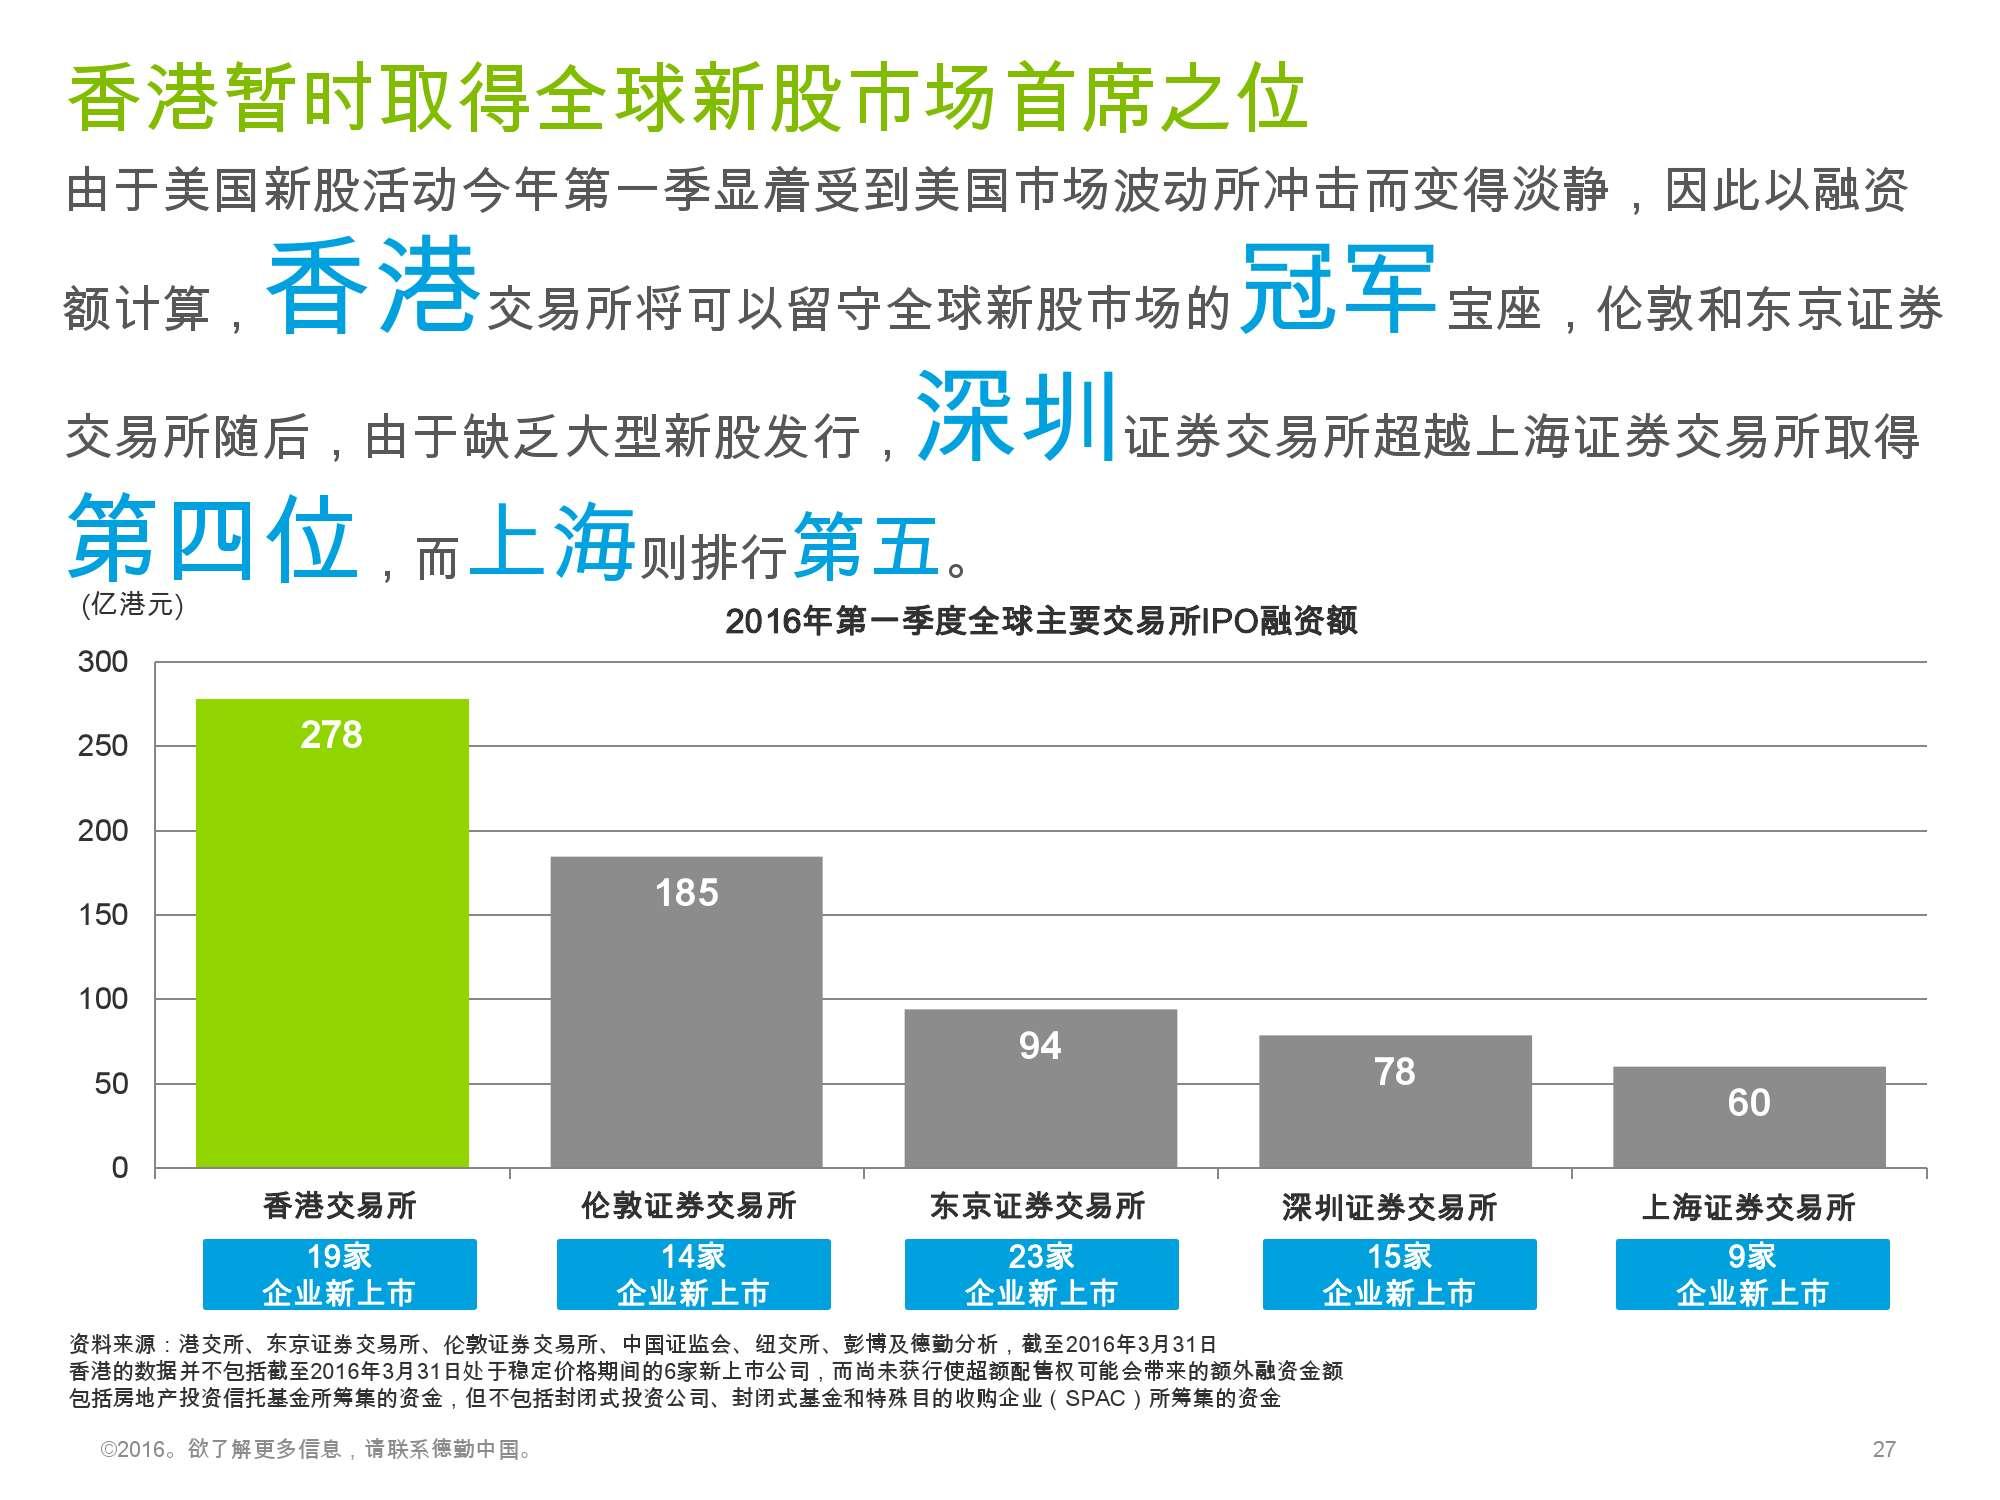 香港及中国大陆IPO市场2016年1季度_000027